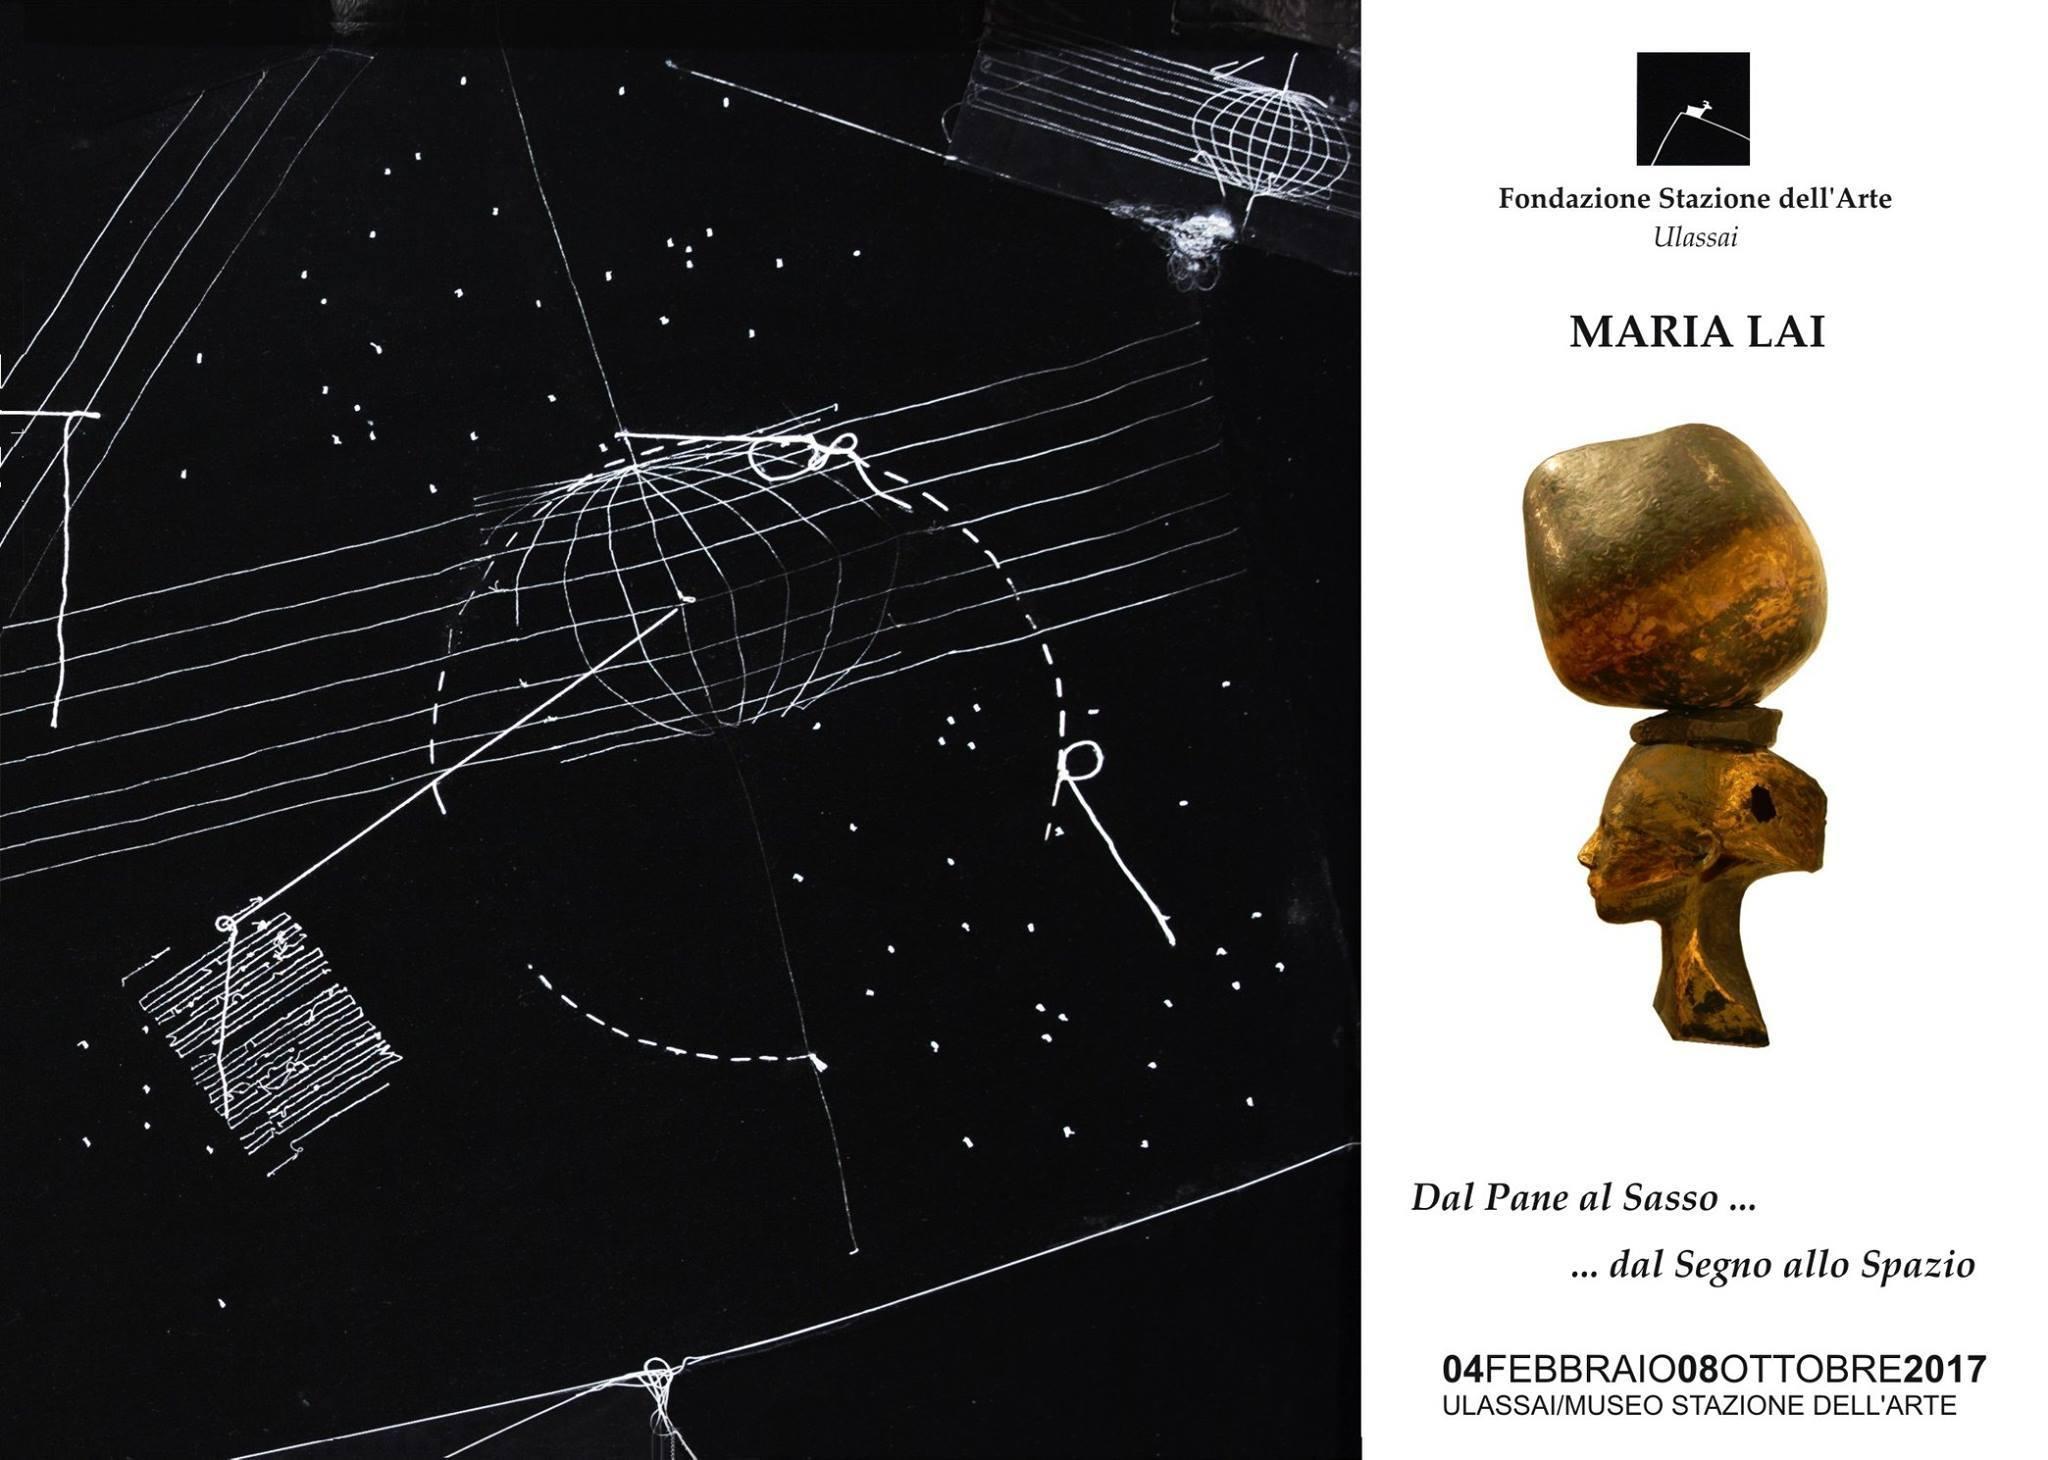 Museo d'arte contemporanea Maria Lai offerta culturale per la stagione estiva 2017